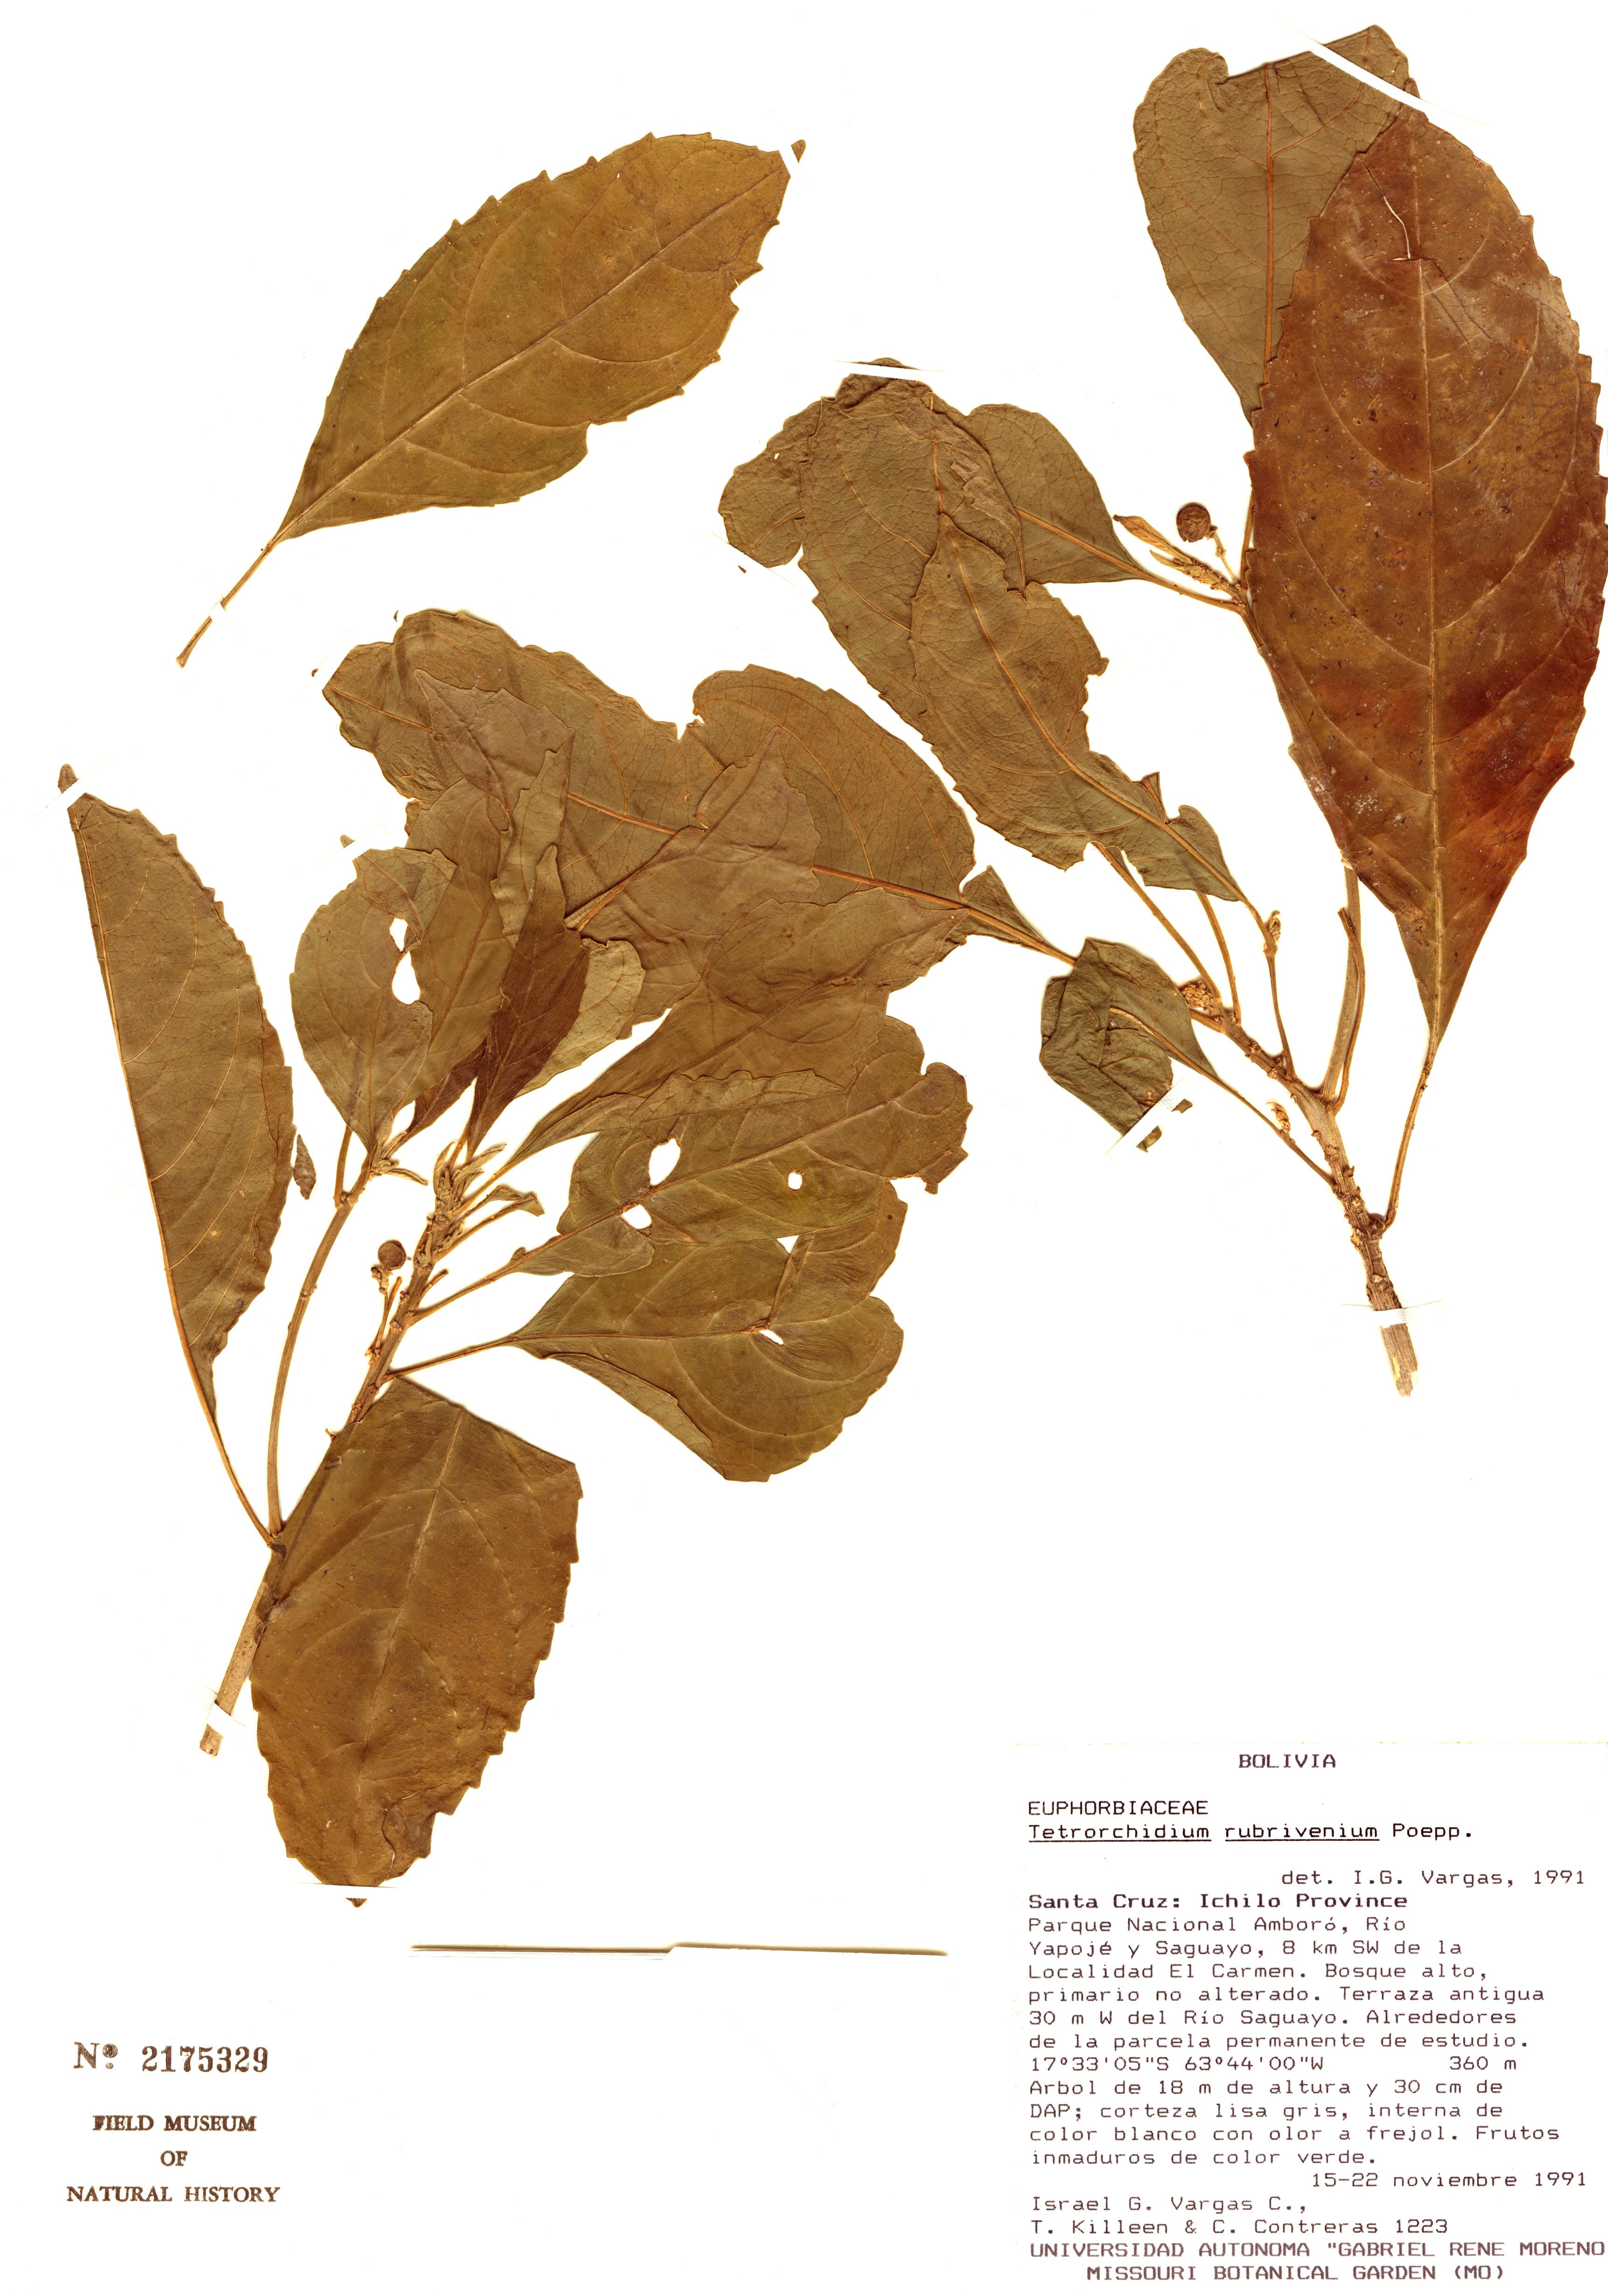 Specimen: Tetrorchidium rubrivenium